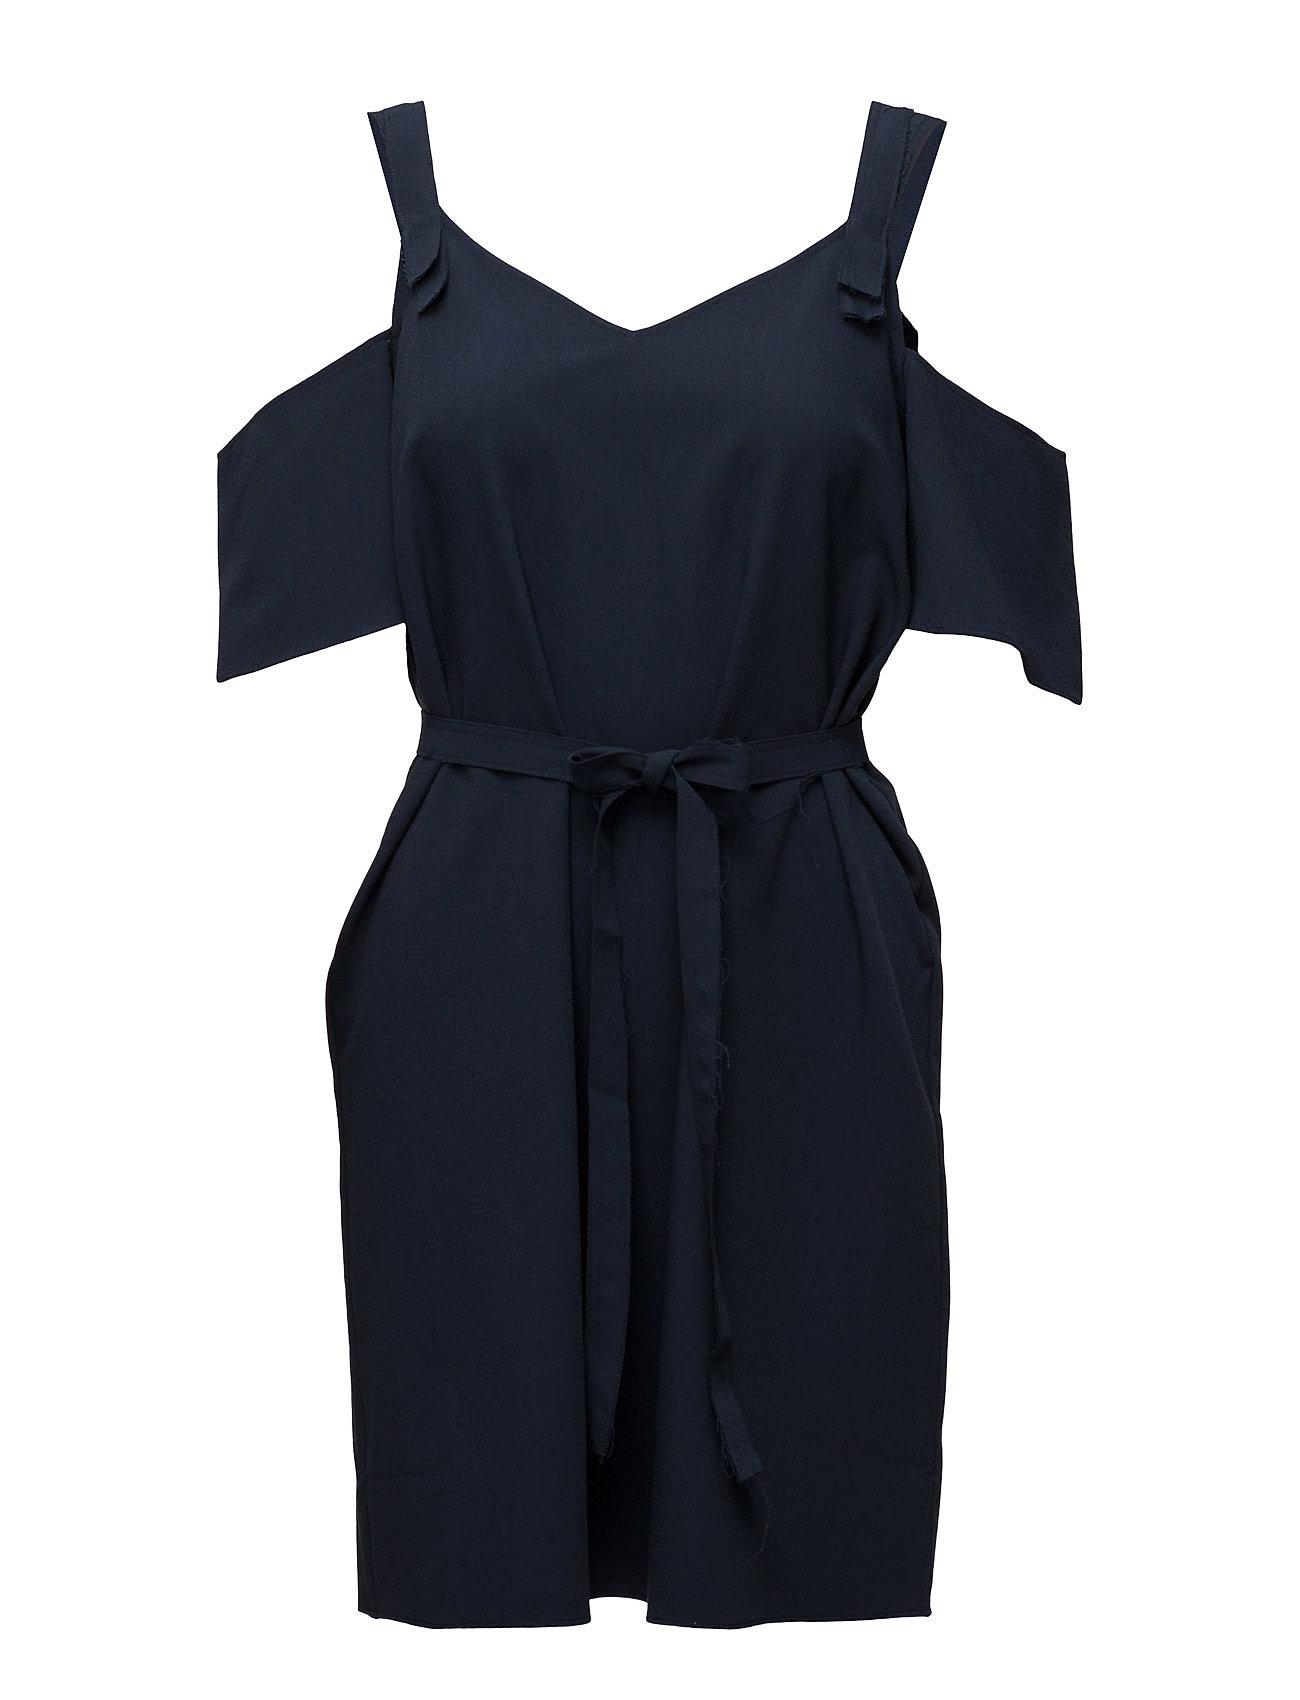 Ashley Shoulder Designers Remix Kjoler til Kvinder i Navy blå